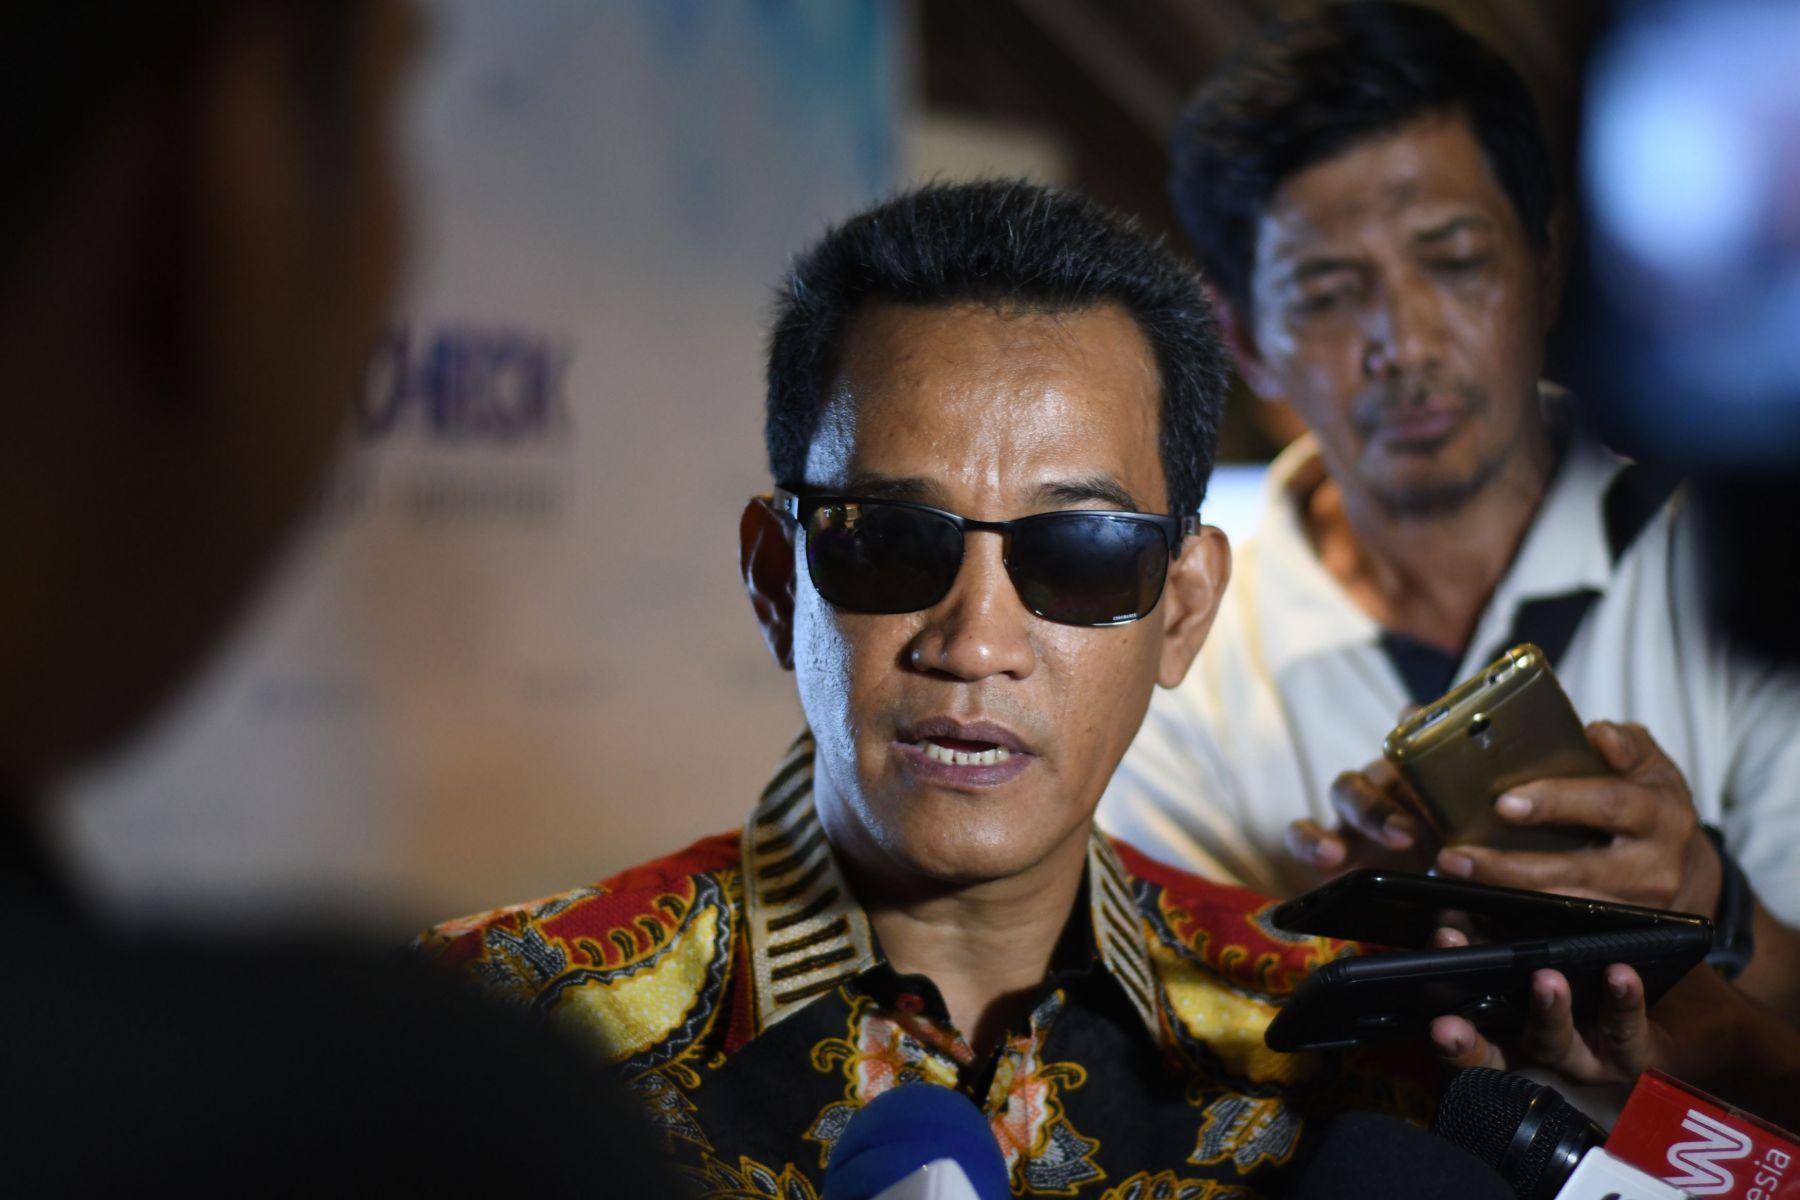 Harta Pejabat Meningkat di Masa Pandemi, Refly Harun: Pejabat Negeri Ini Sulit Meniru Mental Umar bin Khattab